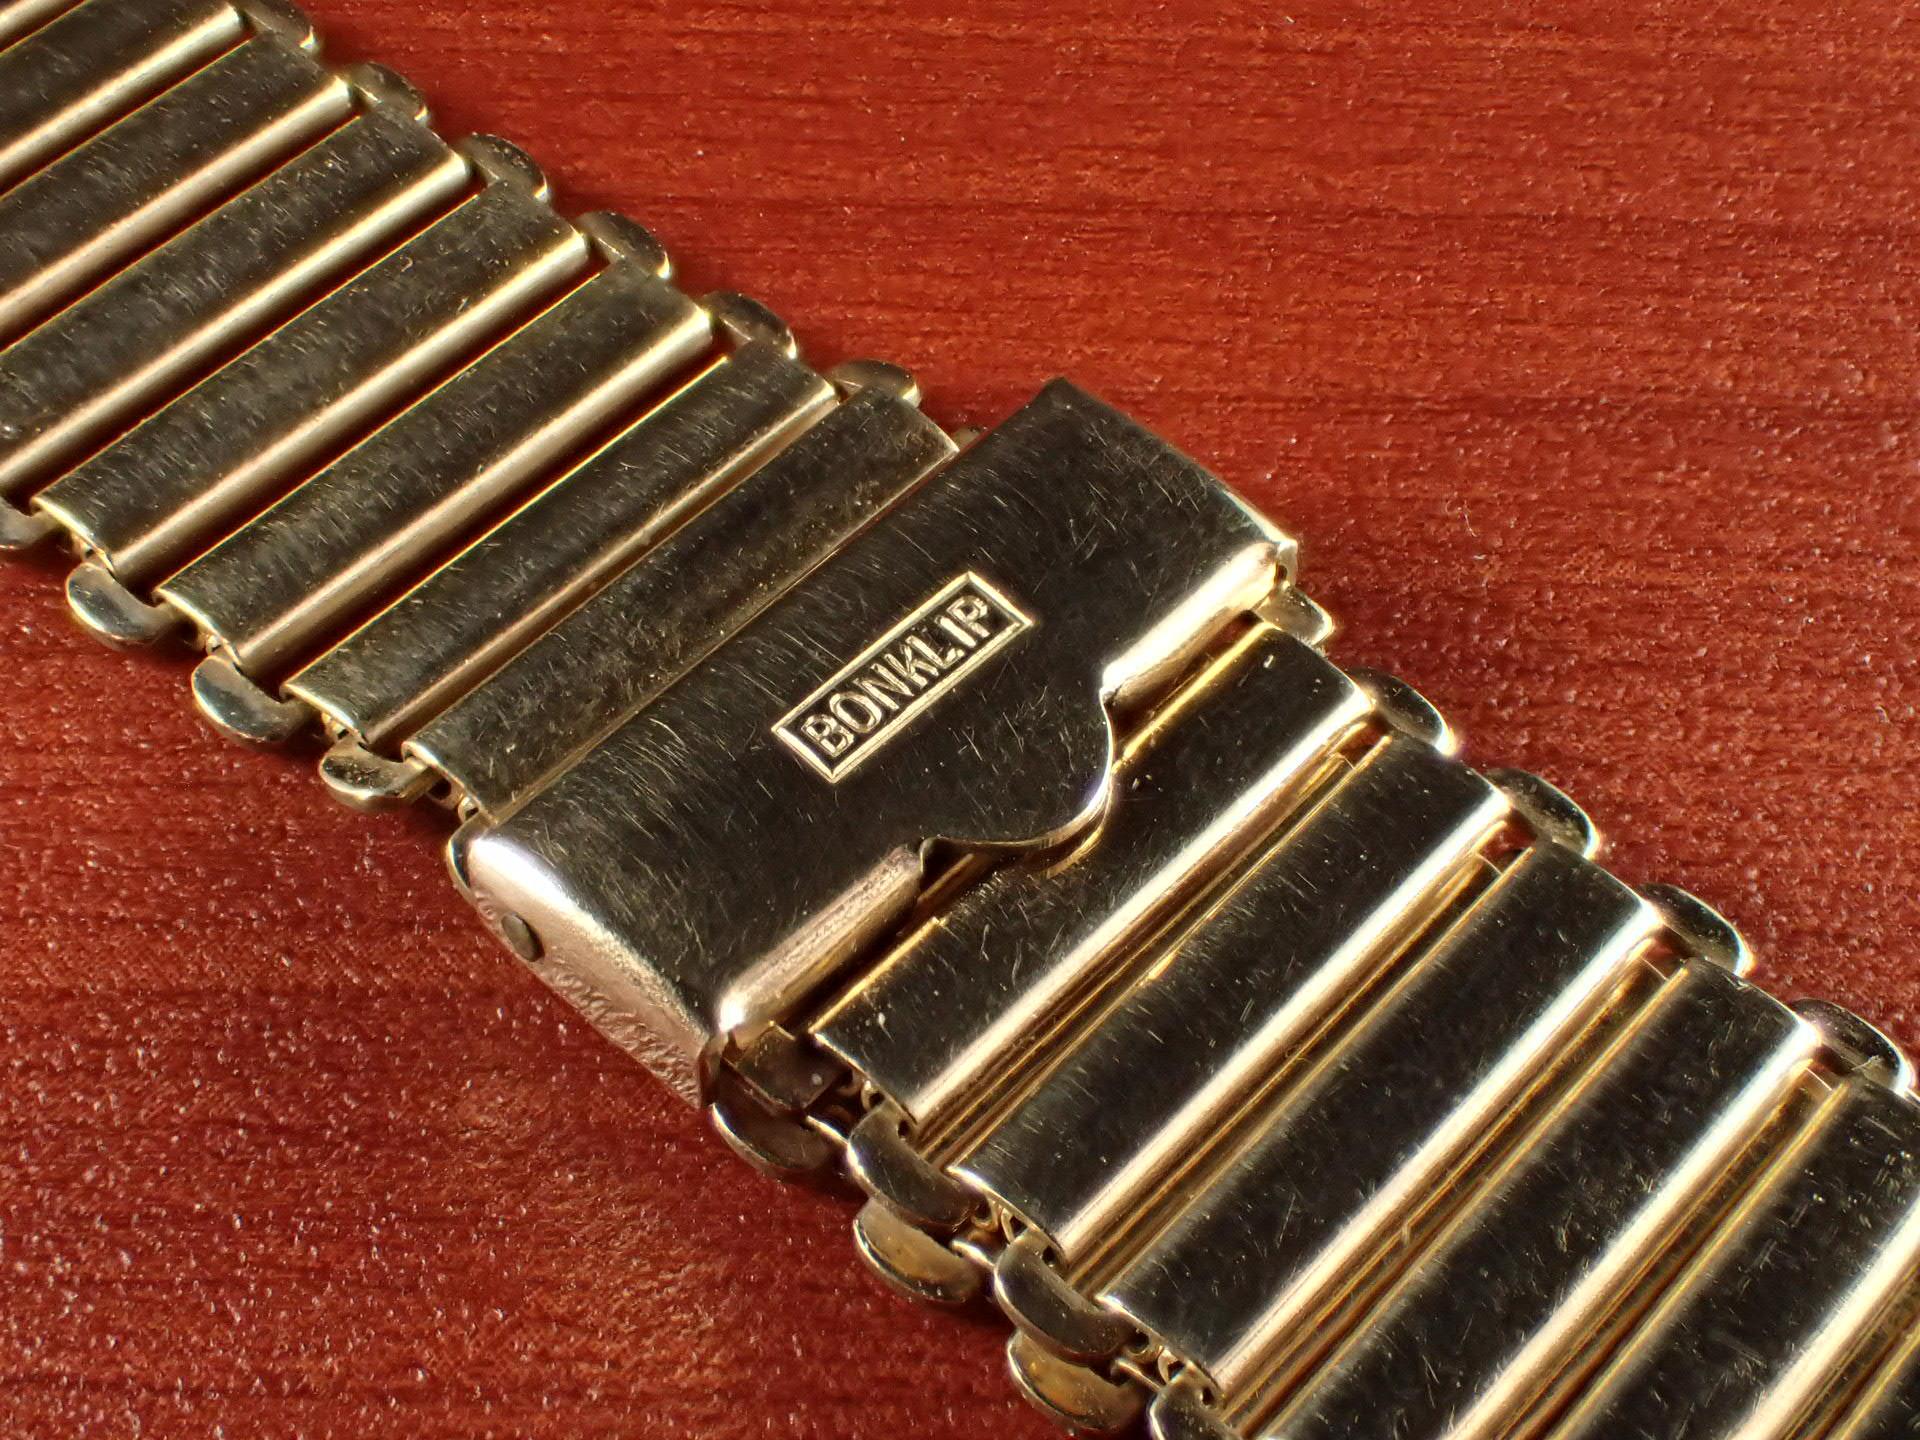 ボンクリップ バンブーブレス NOS リンク16mm 取付18mm YGF 1940年代の写真2枚目